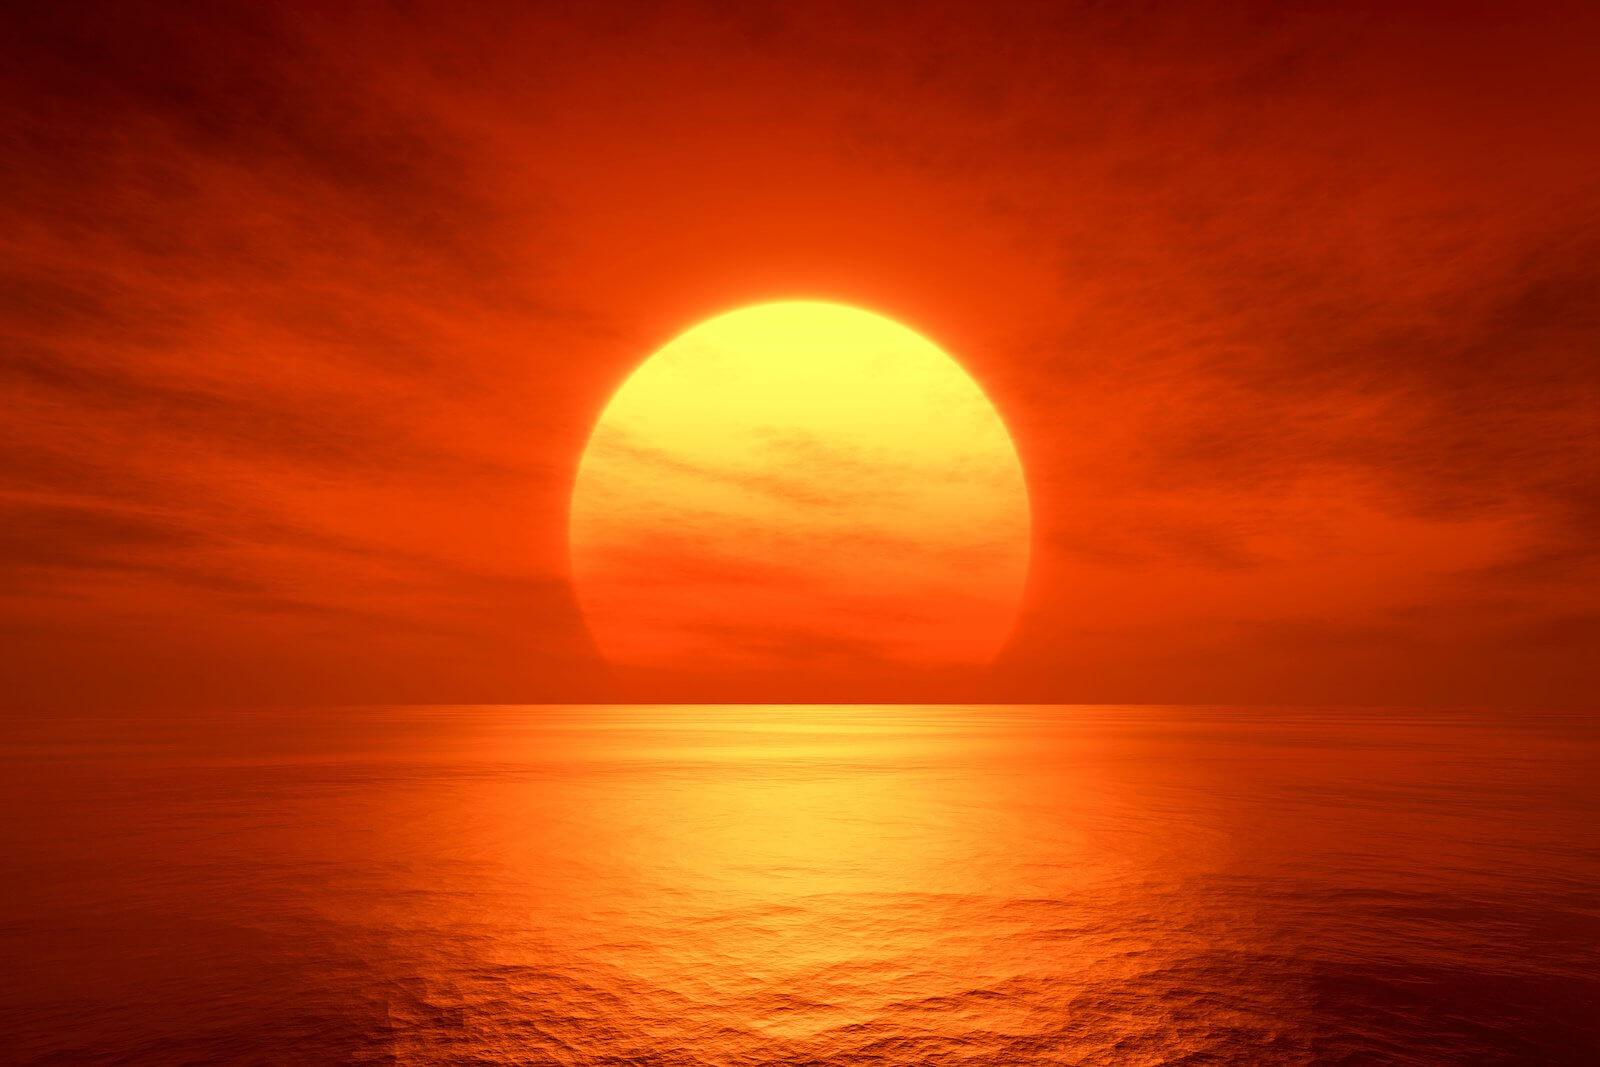 la luna y el sol amor imposible